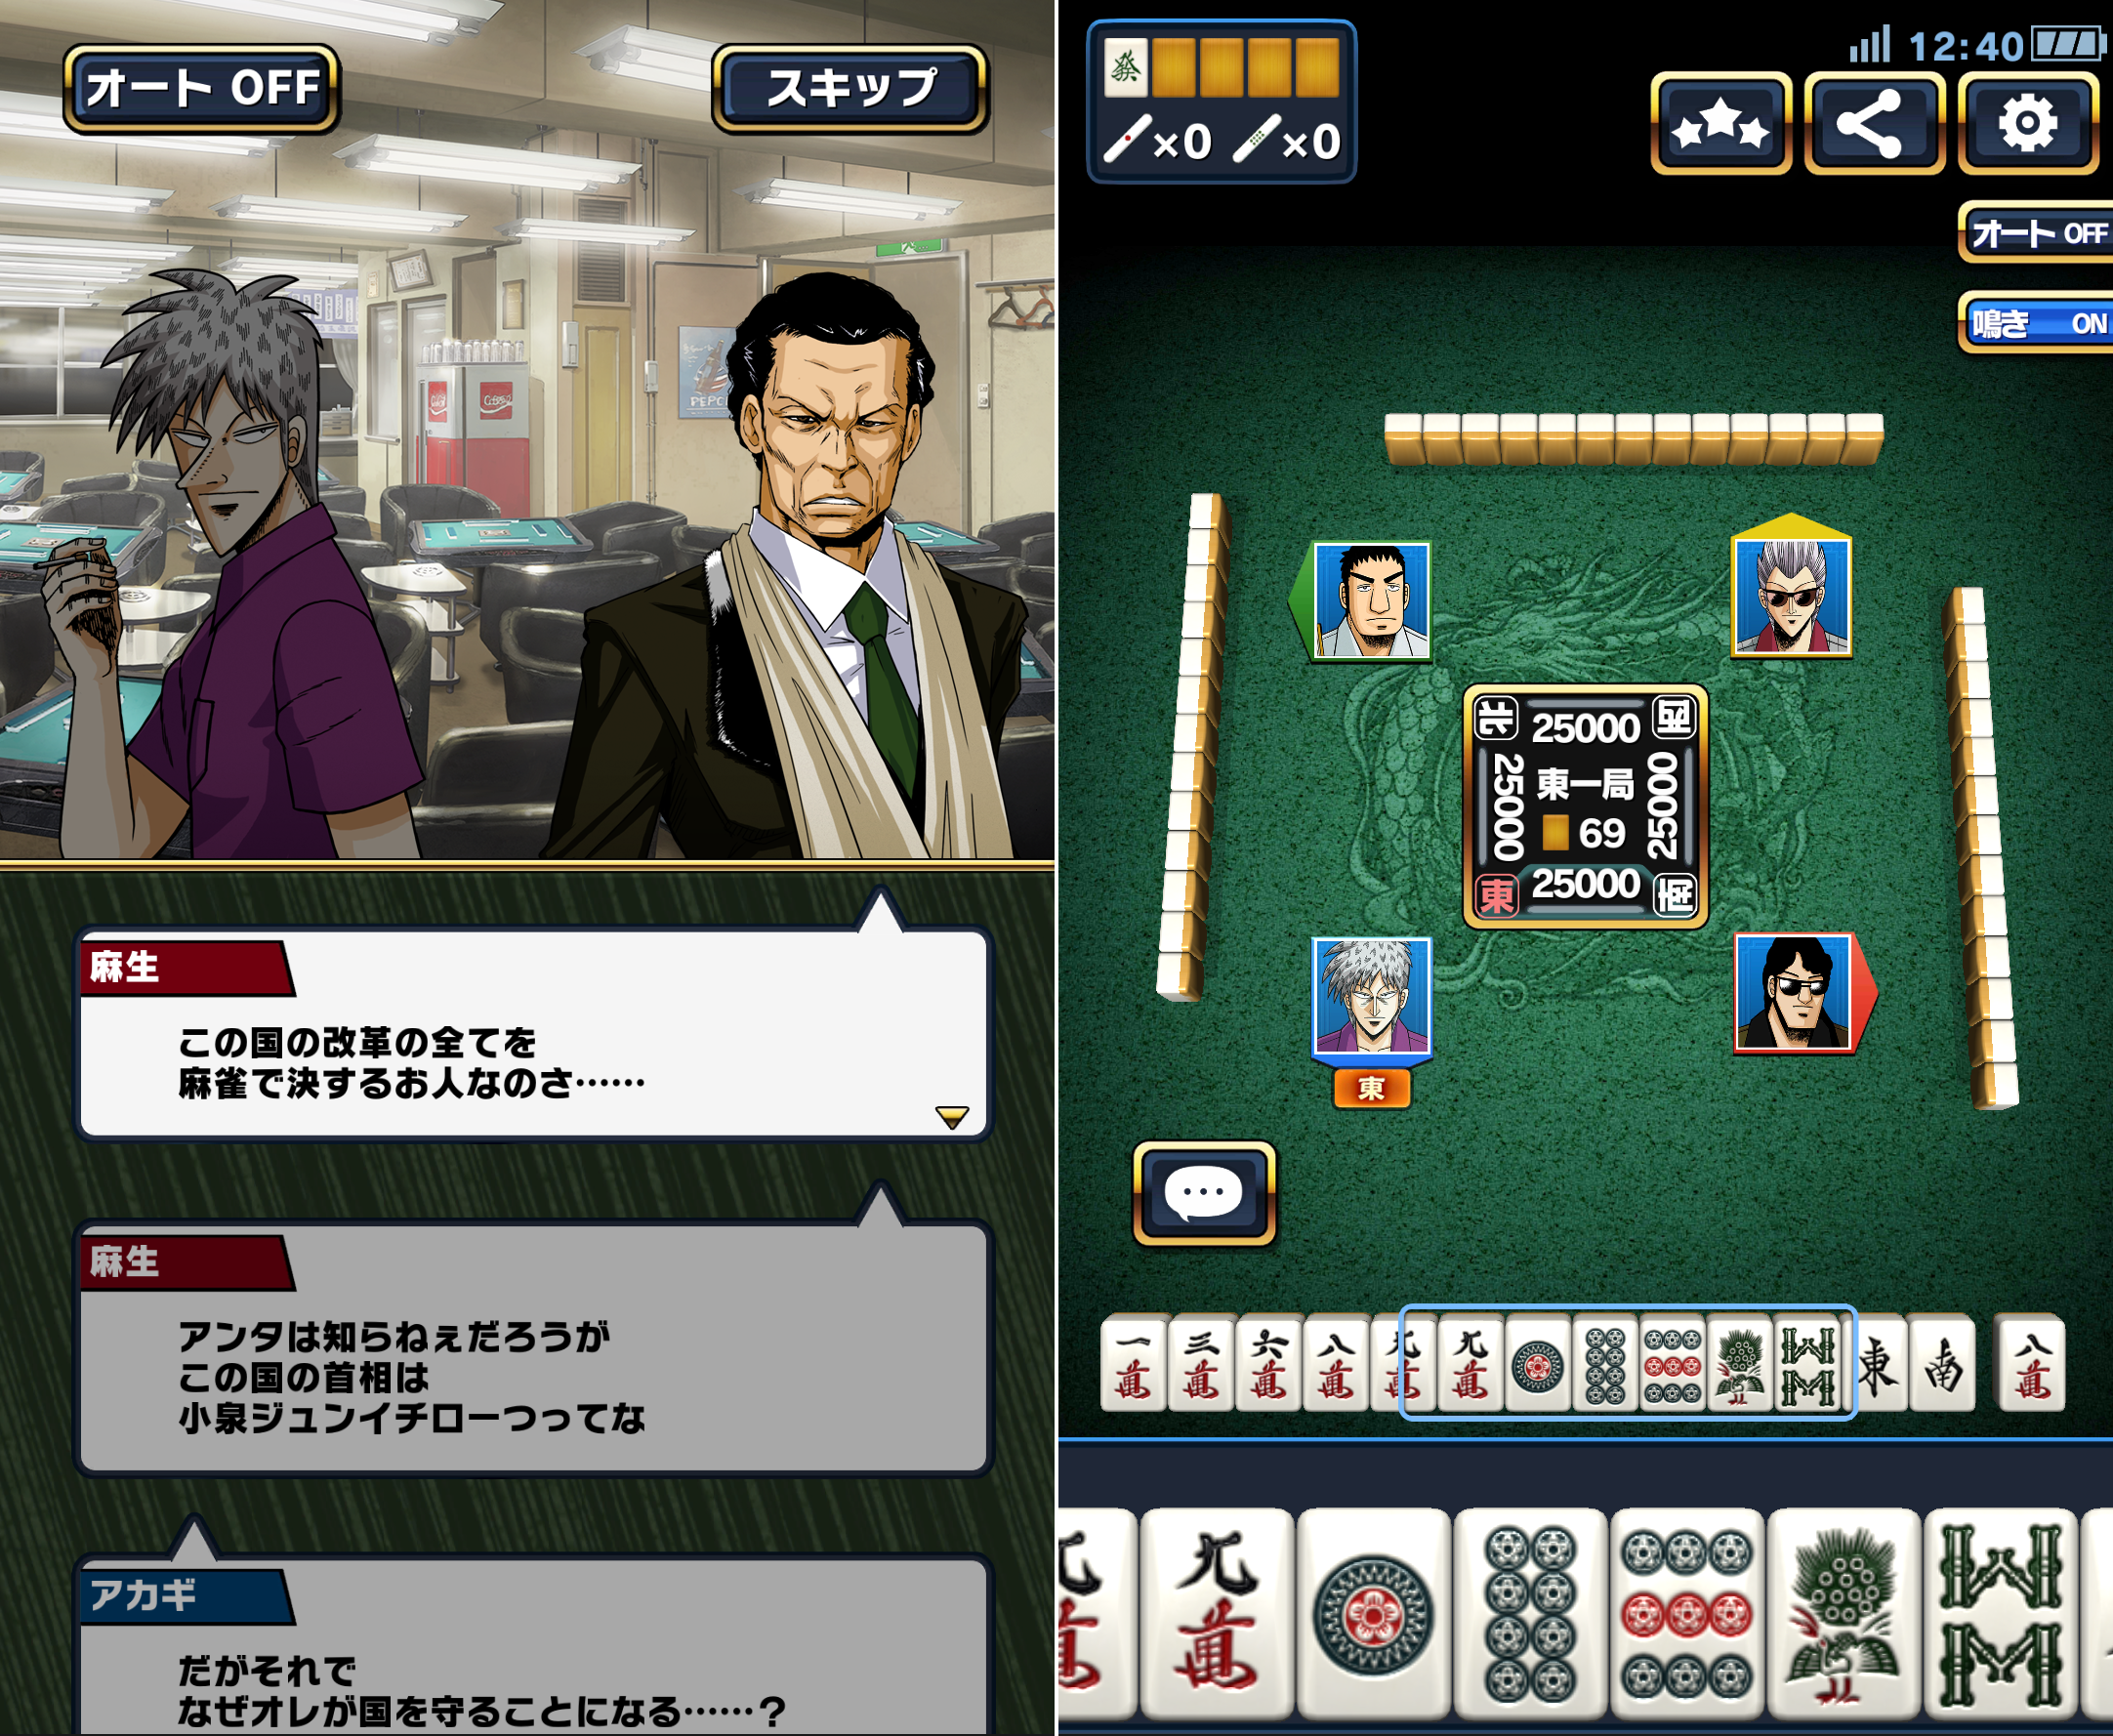 近代麻雀オールスターズ 闘牌伝 androidアプリスクリーンショット1